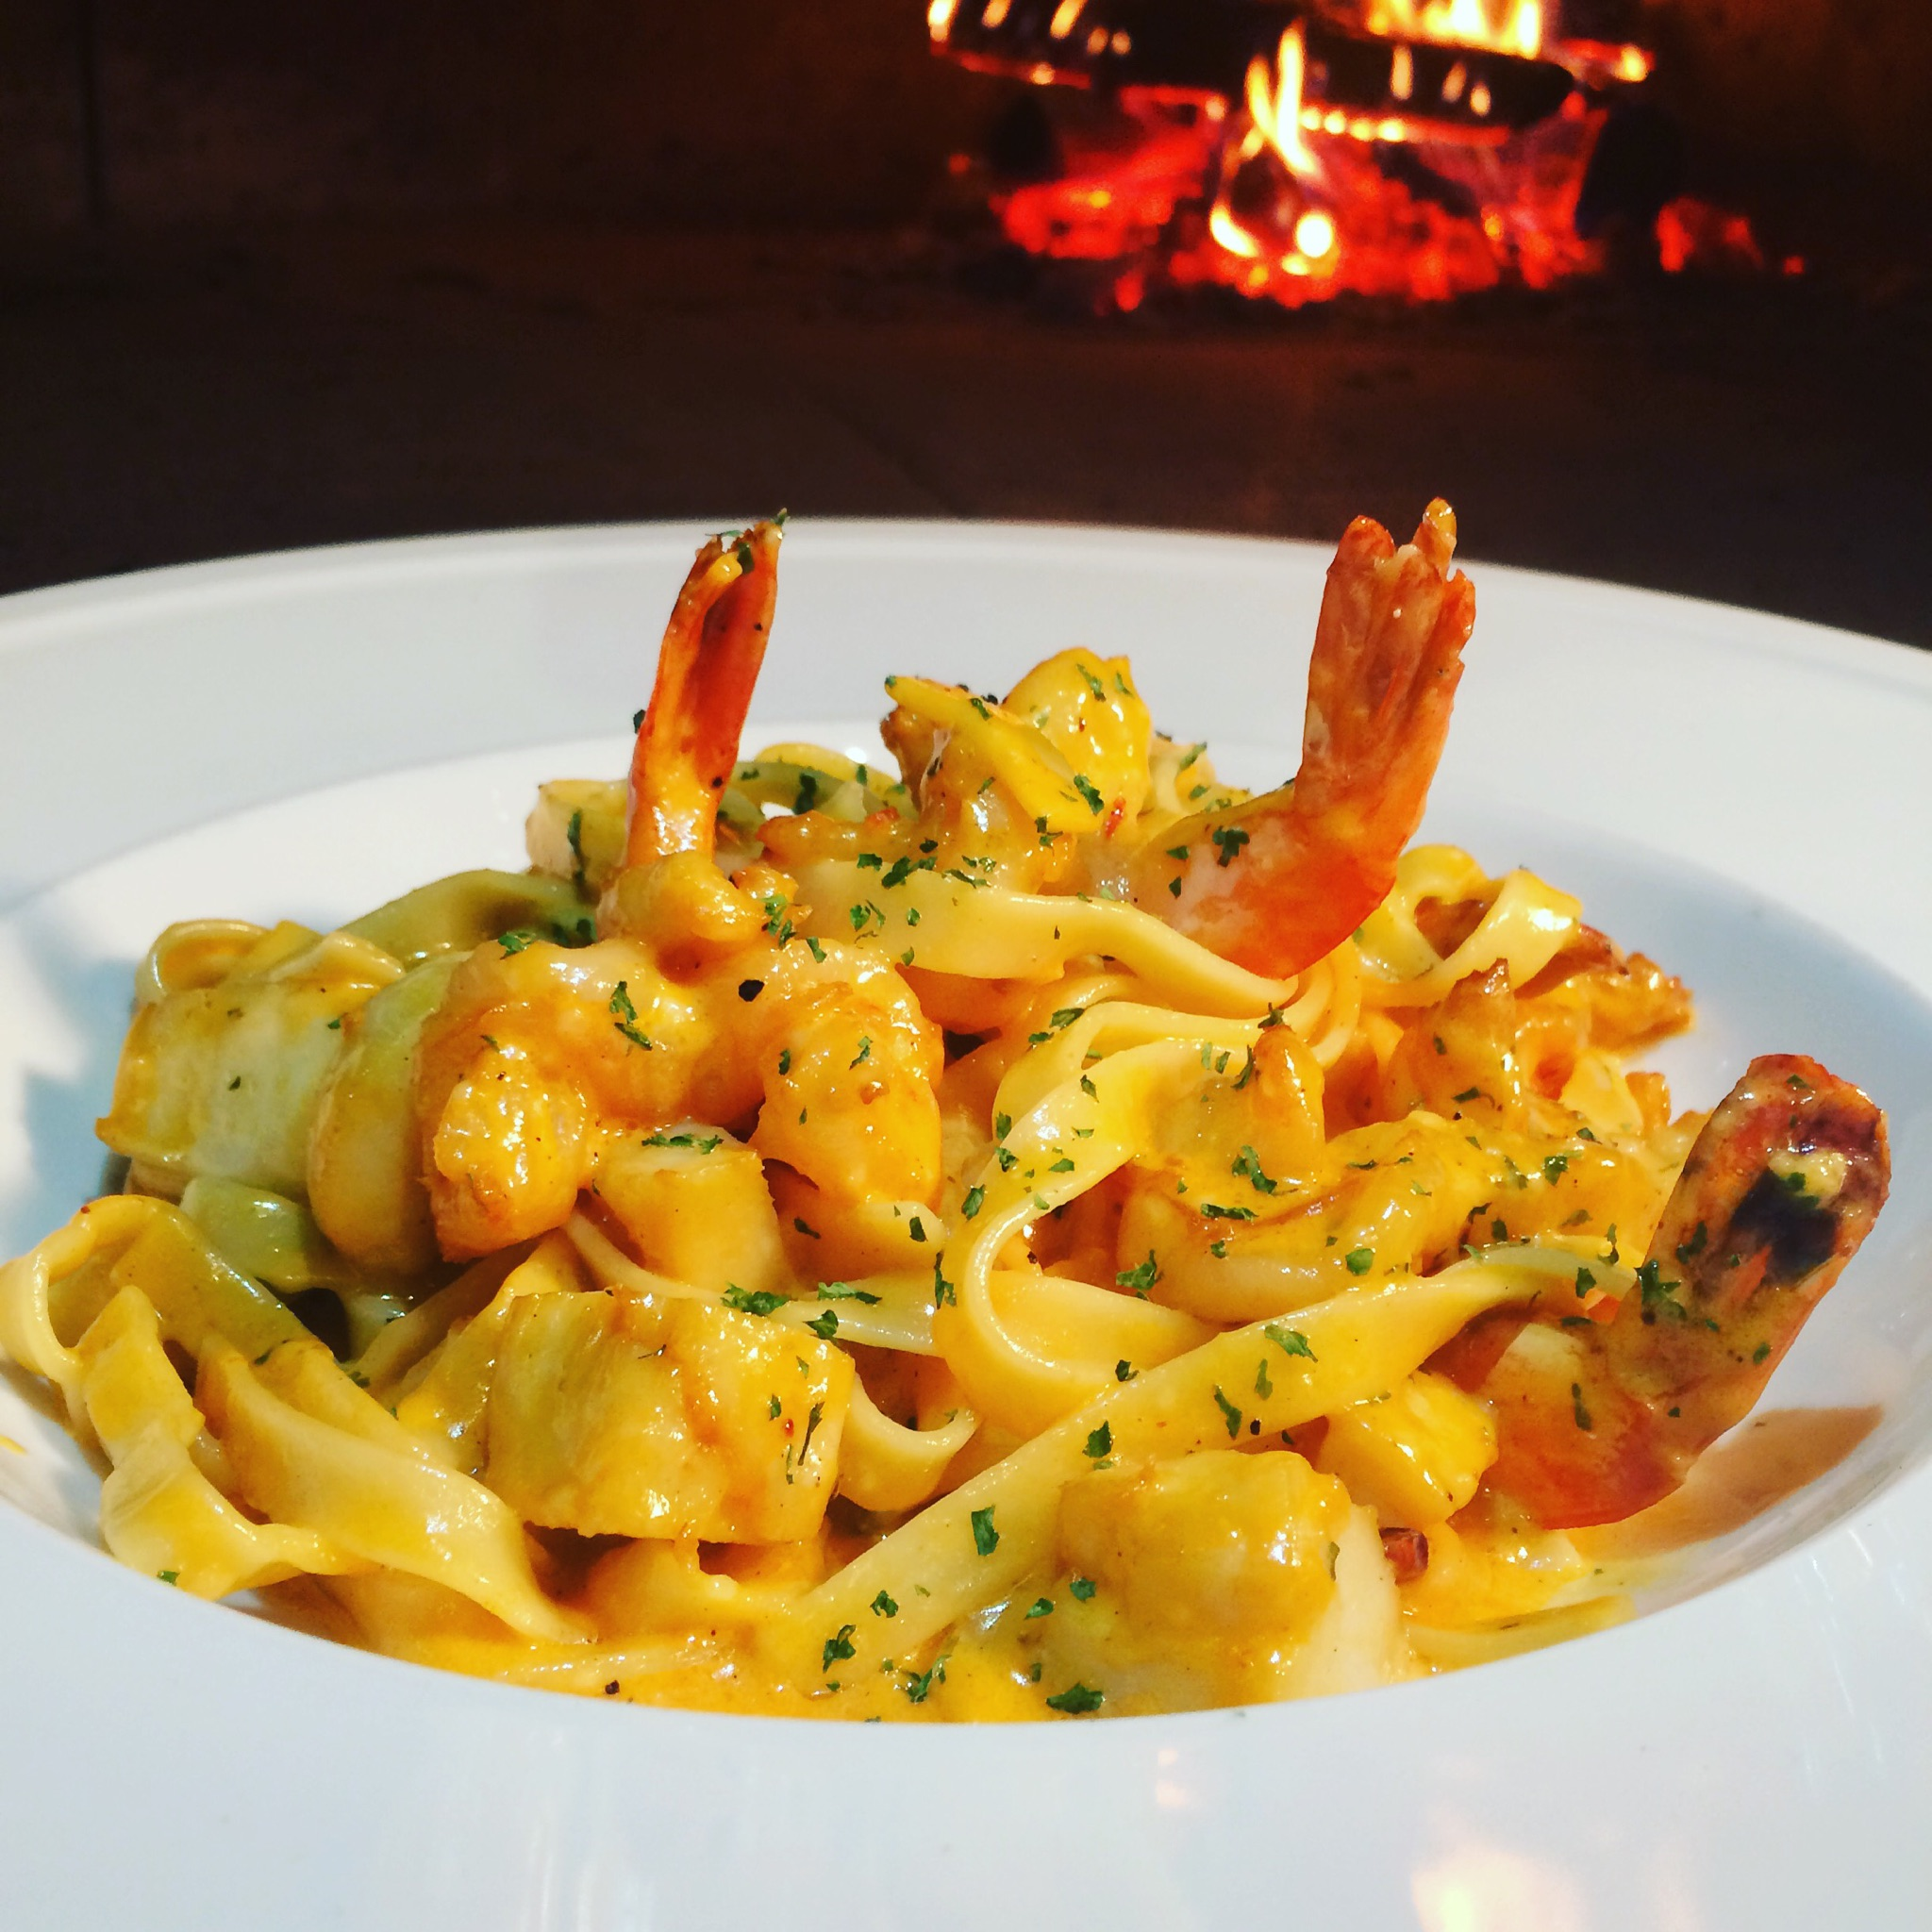 Tagliatelle with Shrimp & Scallops